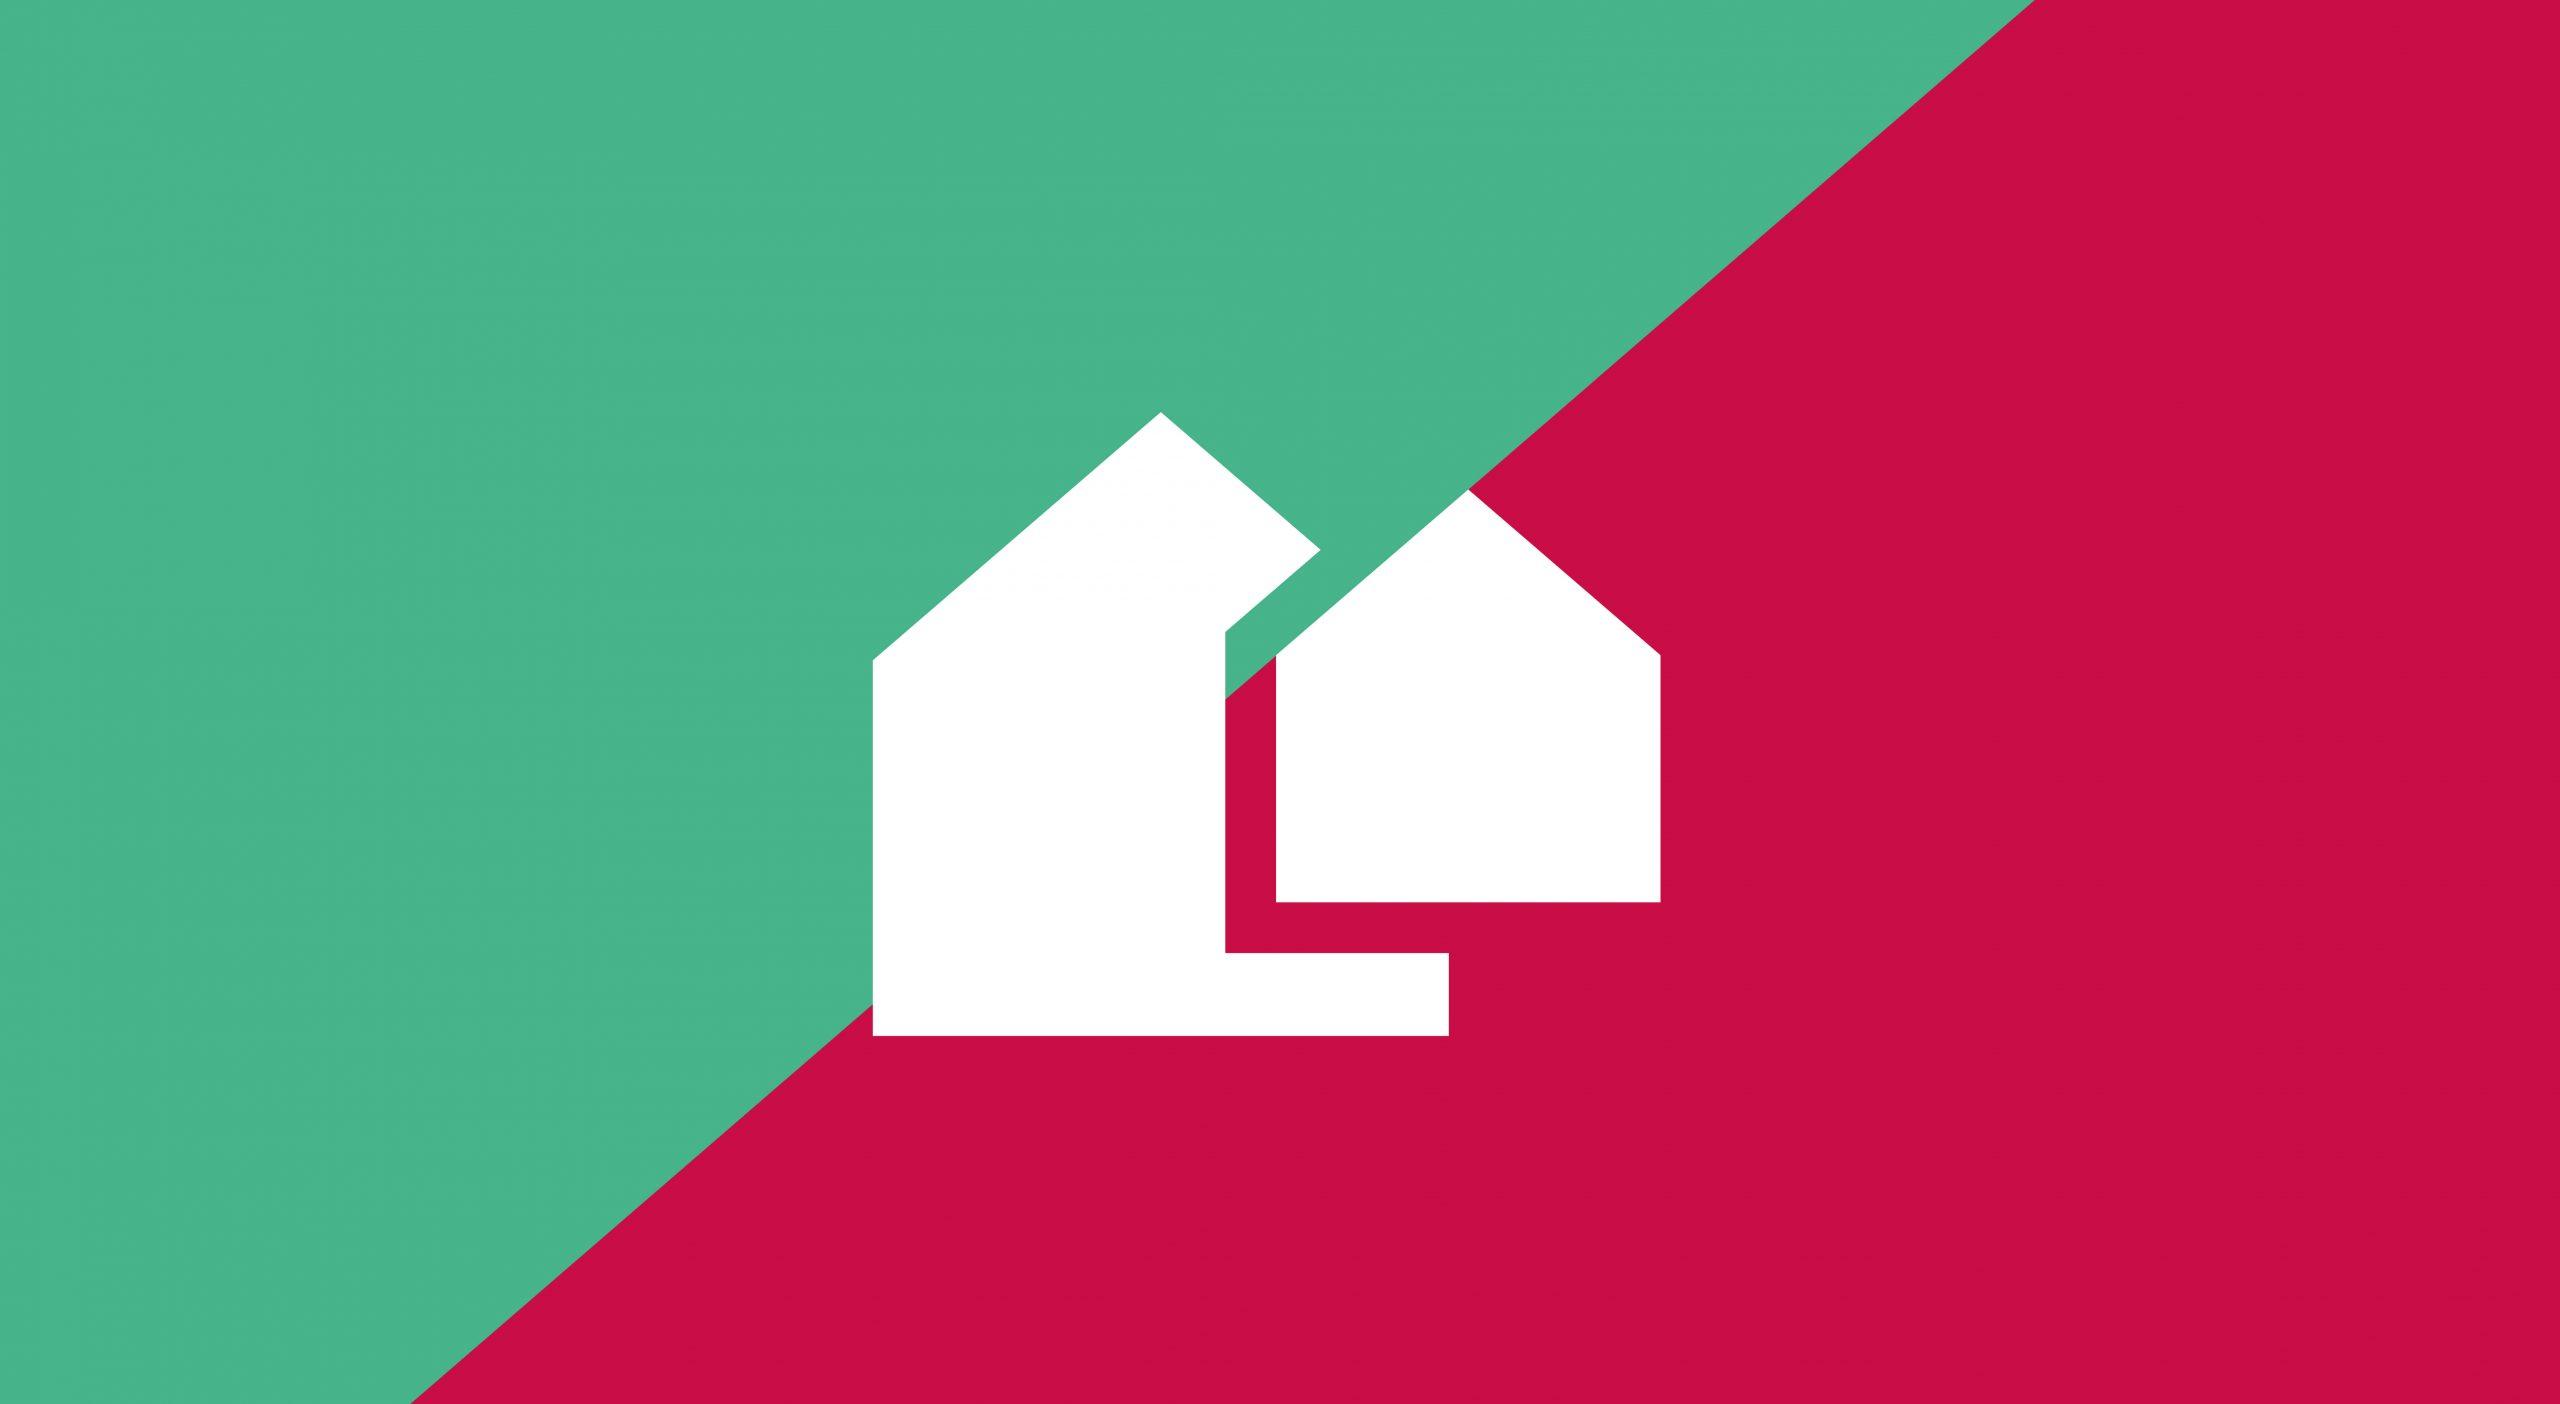 HMO Invest property developer brand icon design